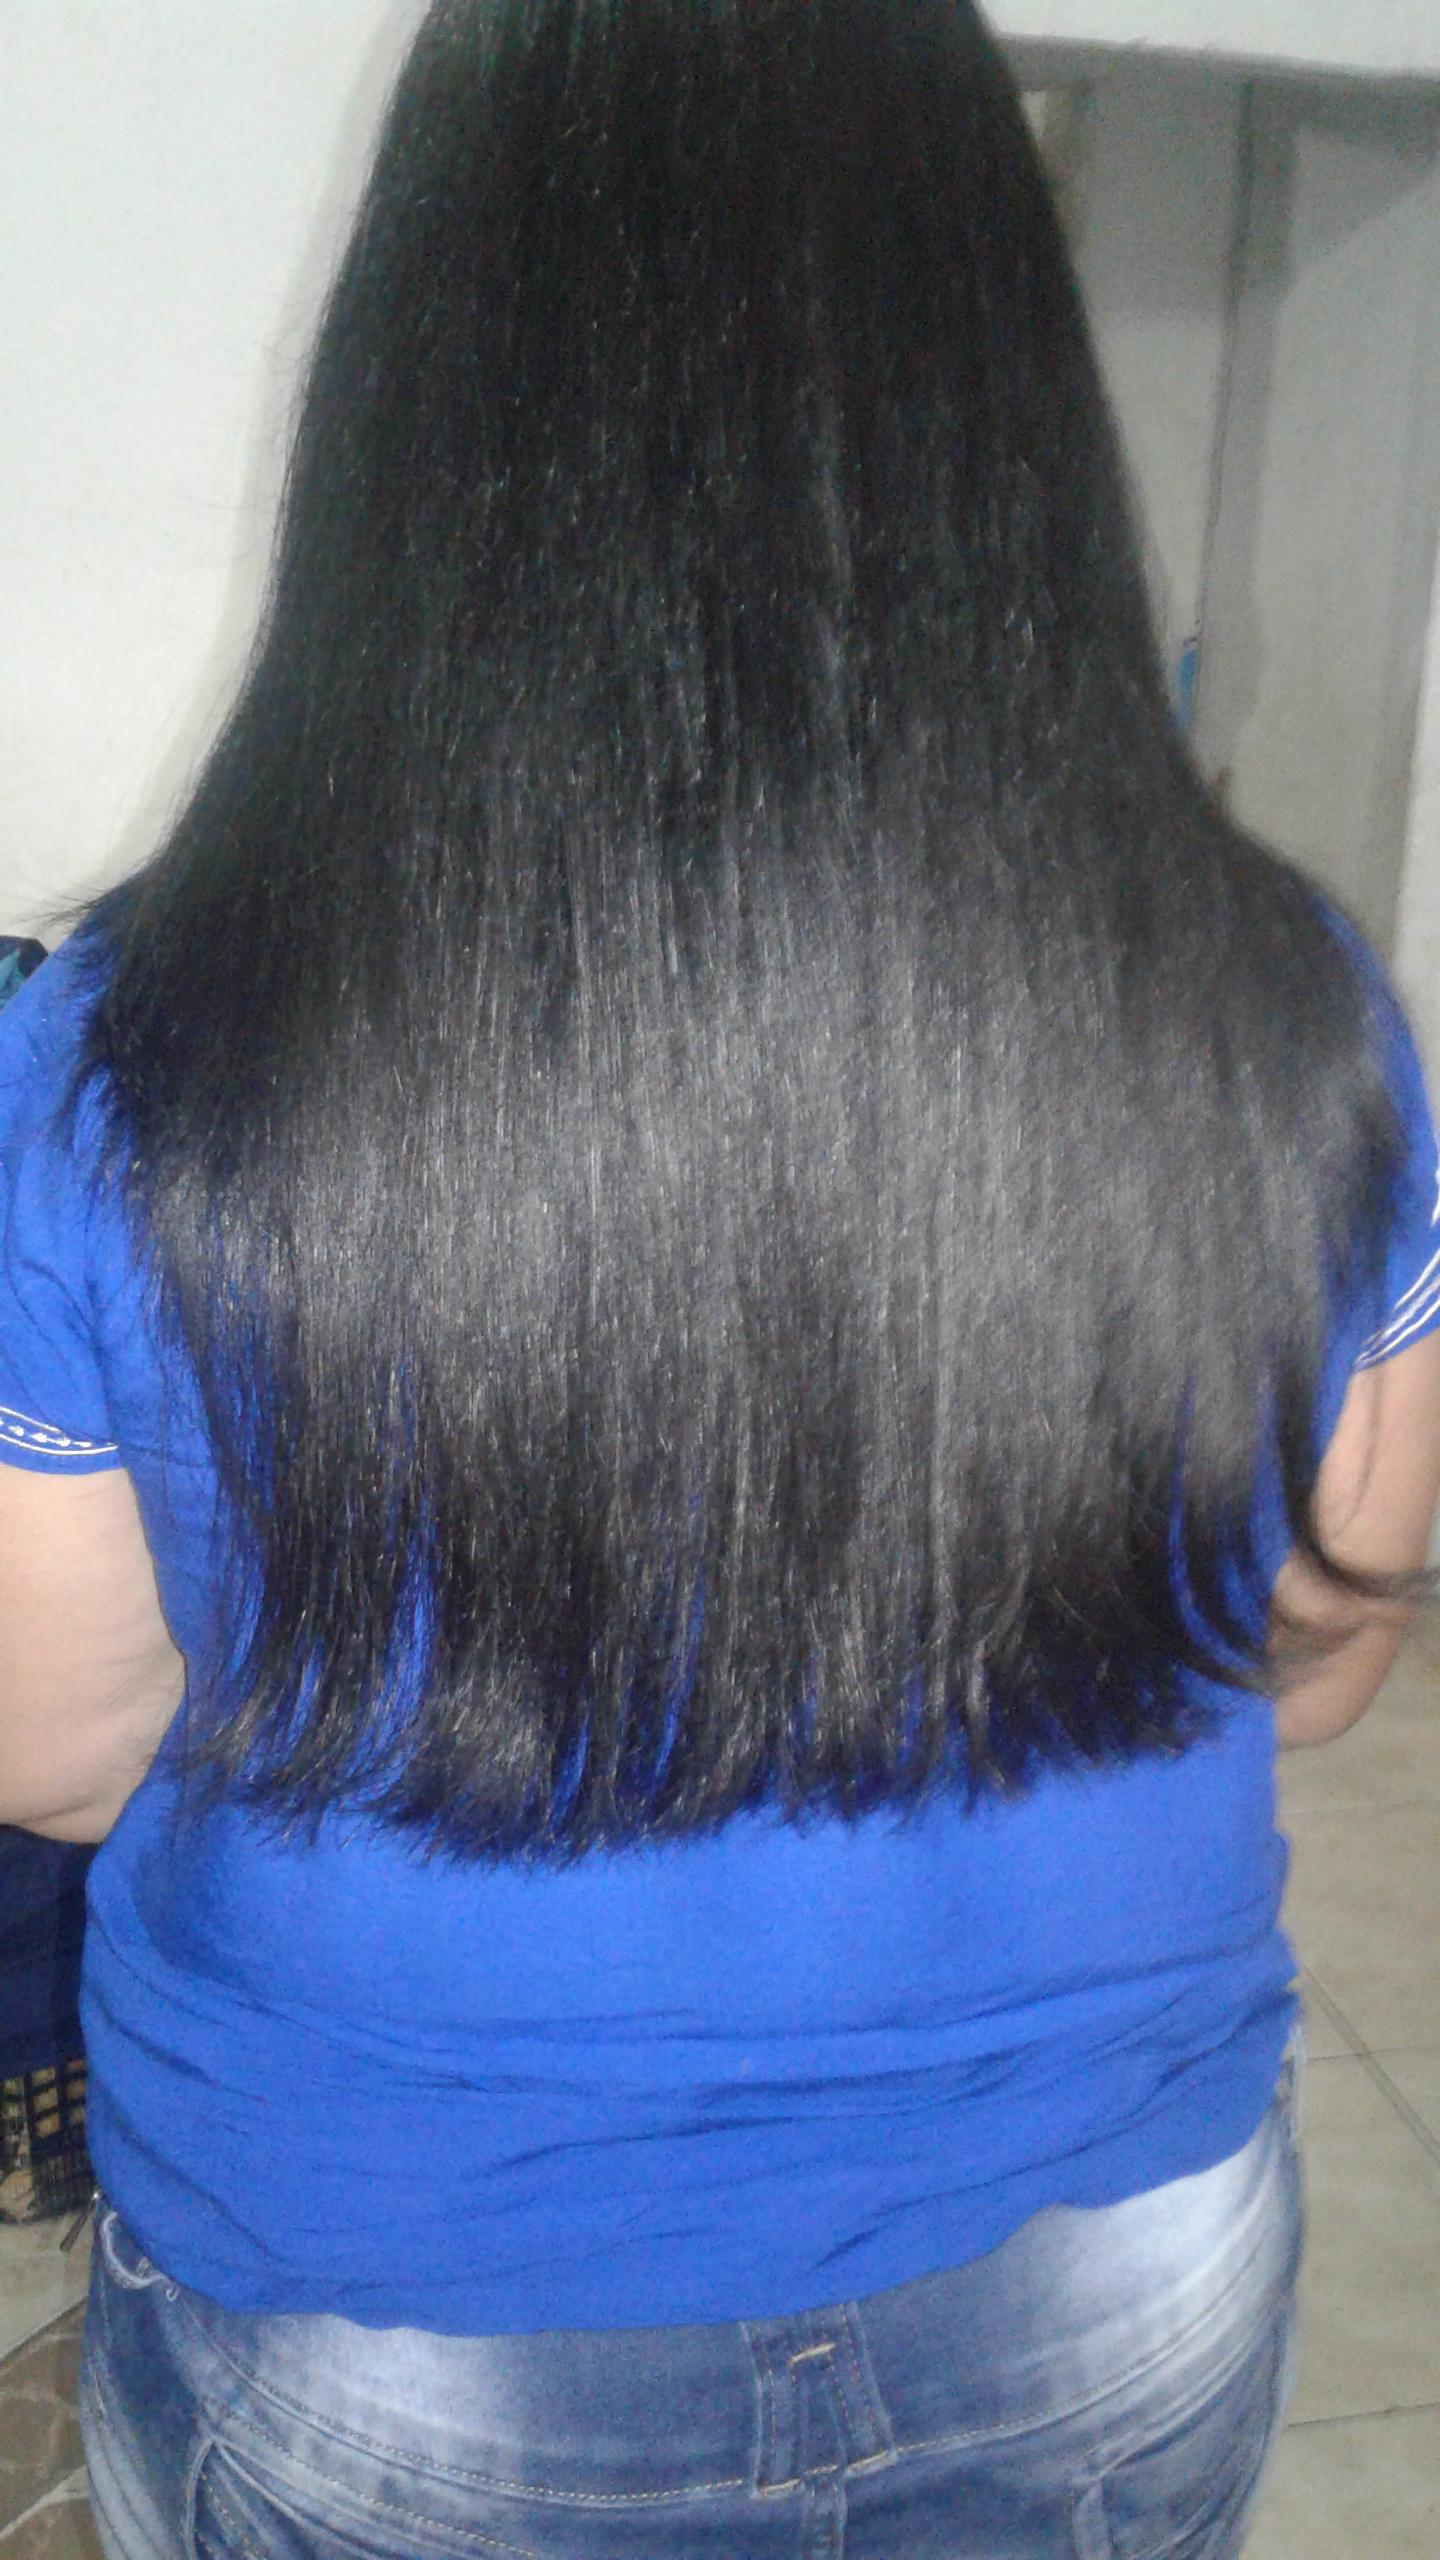 Eu tenho curso profissional de cabeleireira . Desejo uma oportunidade para trabalhar em salao de cabeleireiros  para adquirir mas experiência  . Atualmente  eu trabalho em casa fazendo alguns cabelo já  tenho mais abilidades com escova escova progressiva  aplicação  de tintura e hidratação  trabalhando em casa .esse é  um dos meus trabalhos  .  cabelo auxiliar cabeleireiro(a)